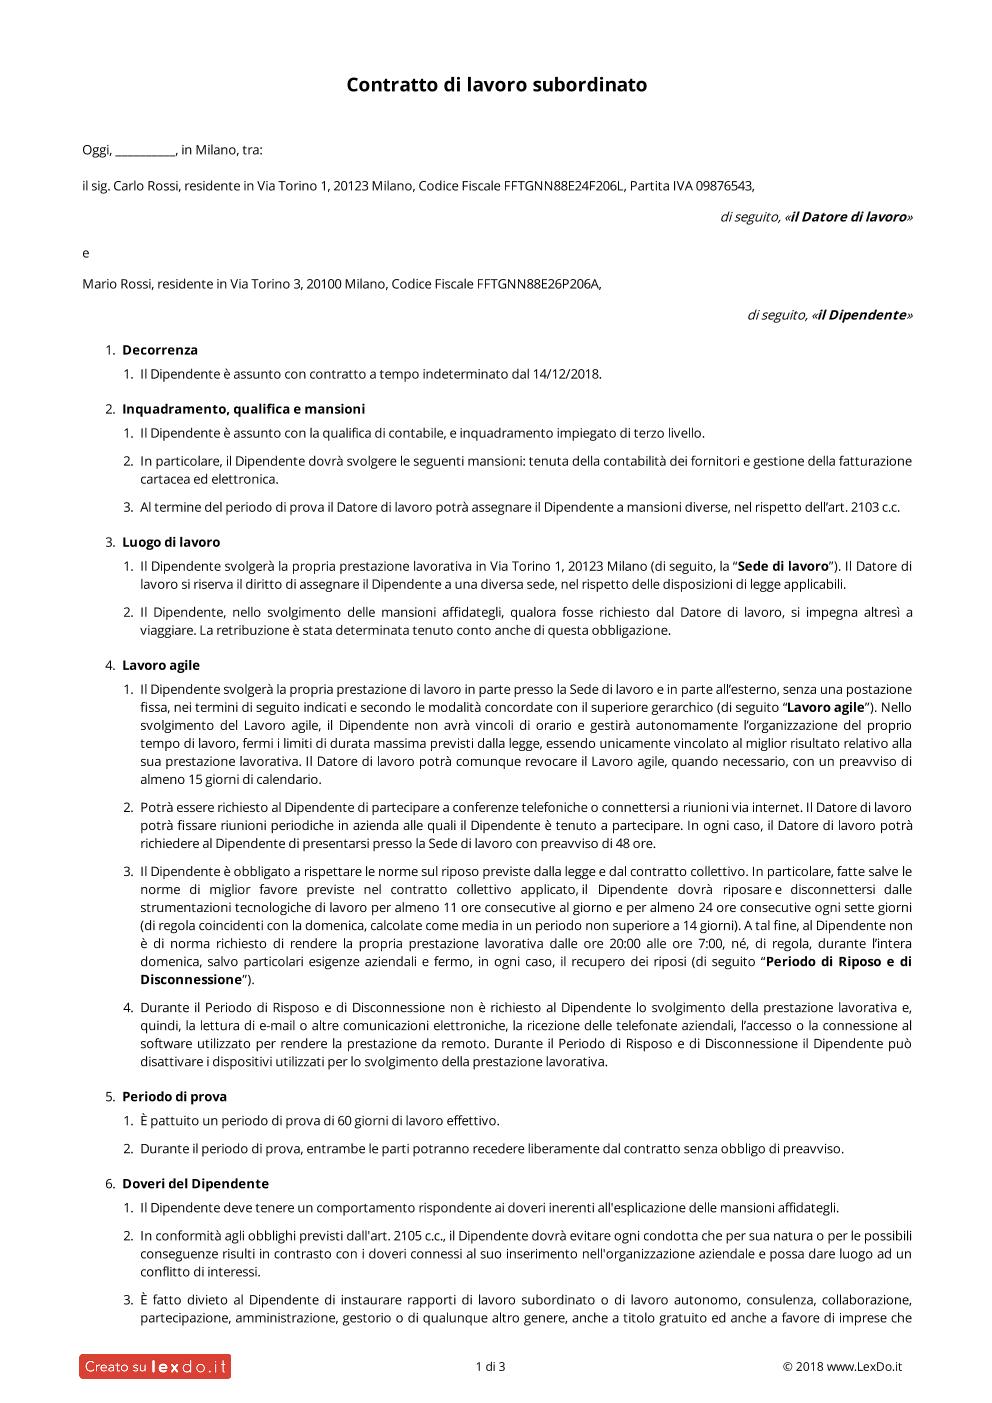 Contratto di Lavoro Subordinato per Dipendenti modello